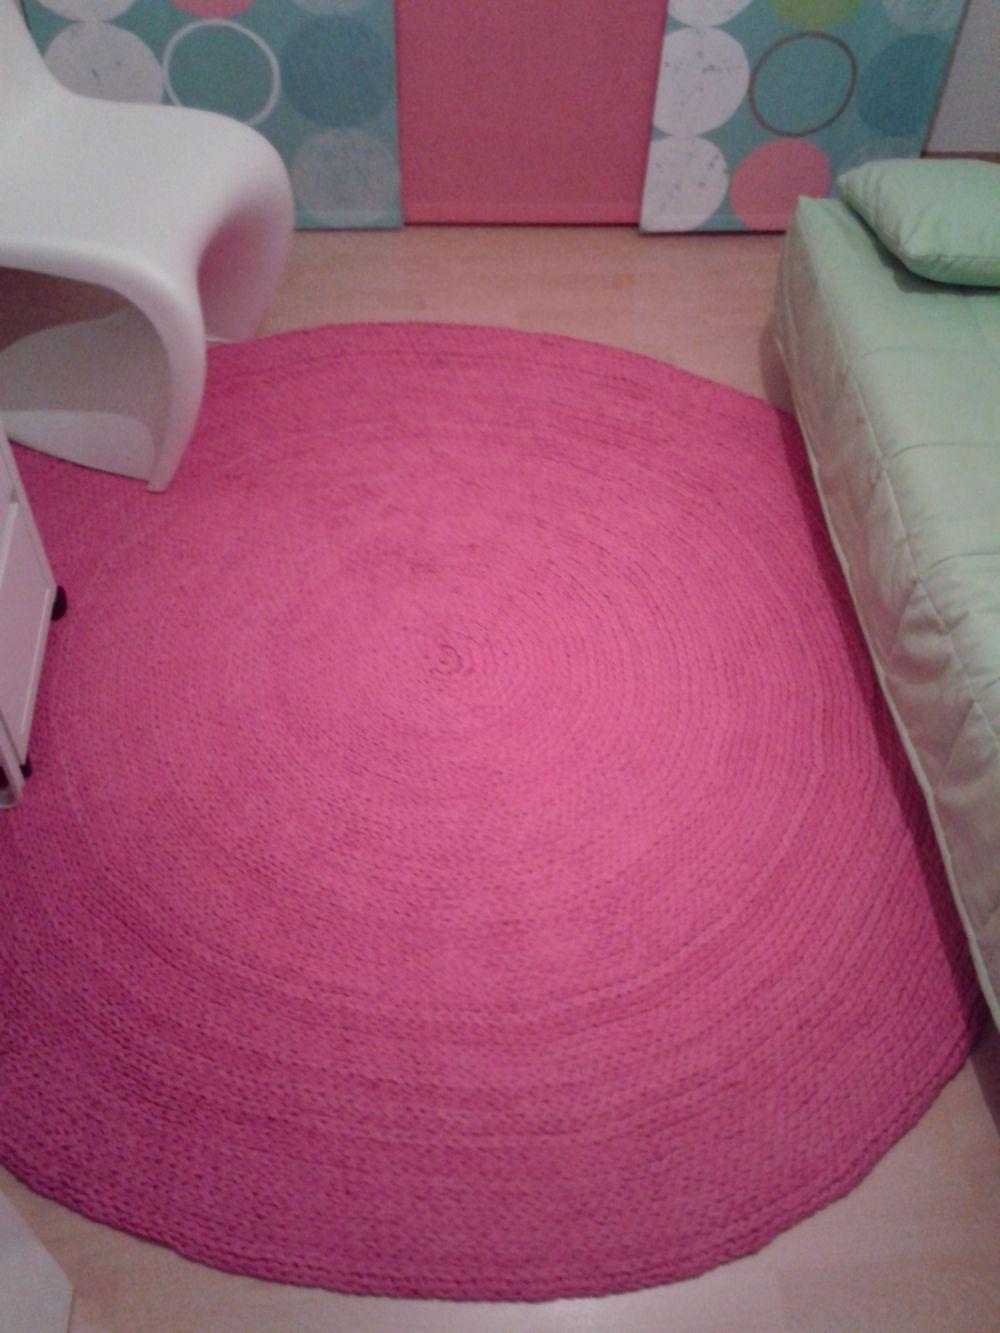 Runder Häkelteppich in Textio Stripe Pink W Textilgarn. Danke, liebe Nicole,  für die Bilder von diesem wunderbar strahlenden Teppich und die Erlaubnis zur Veröffentlichung. Ich selbst traue mich viel zu selten an die knalligen Farben.